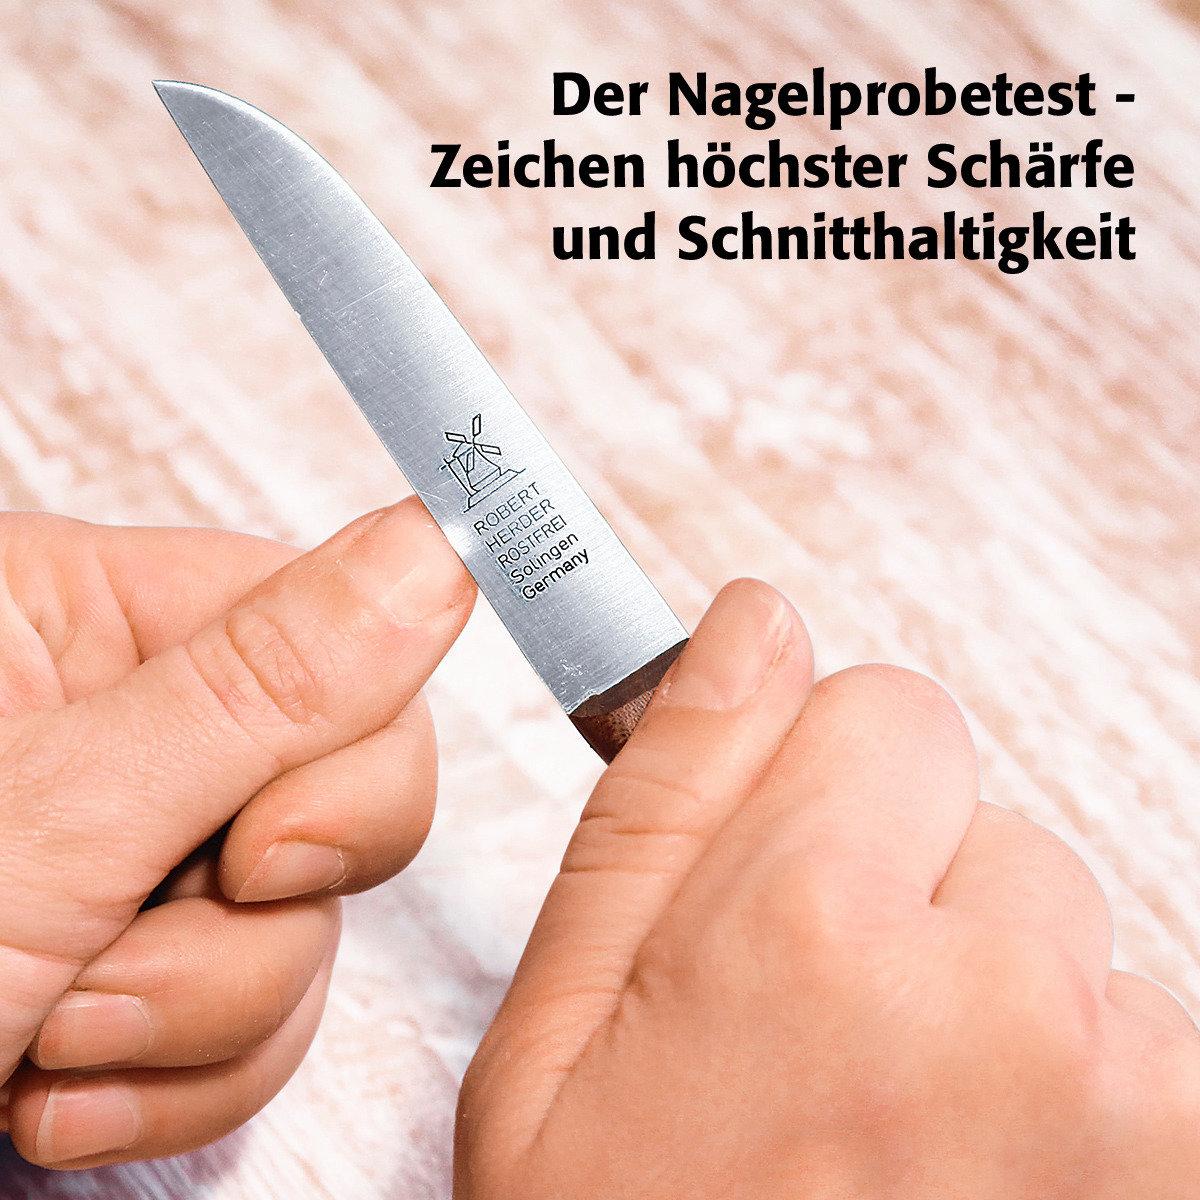 Robert-Herder-Windmühlenmesser Frühstücksmesser | #4